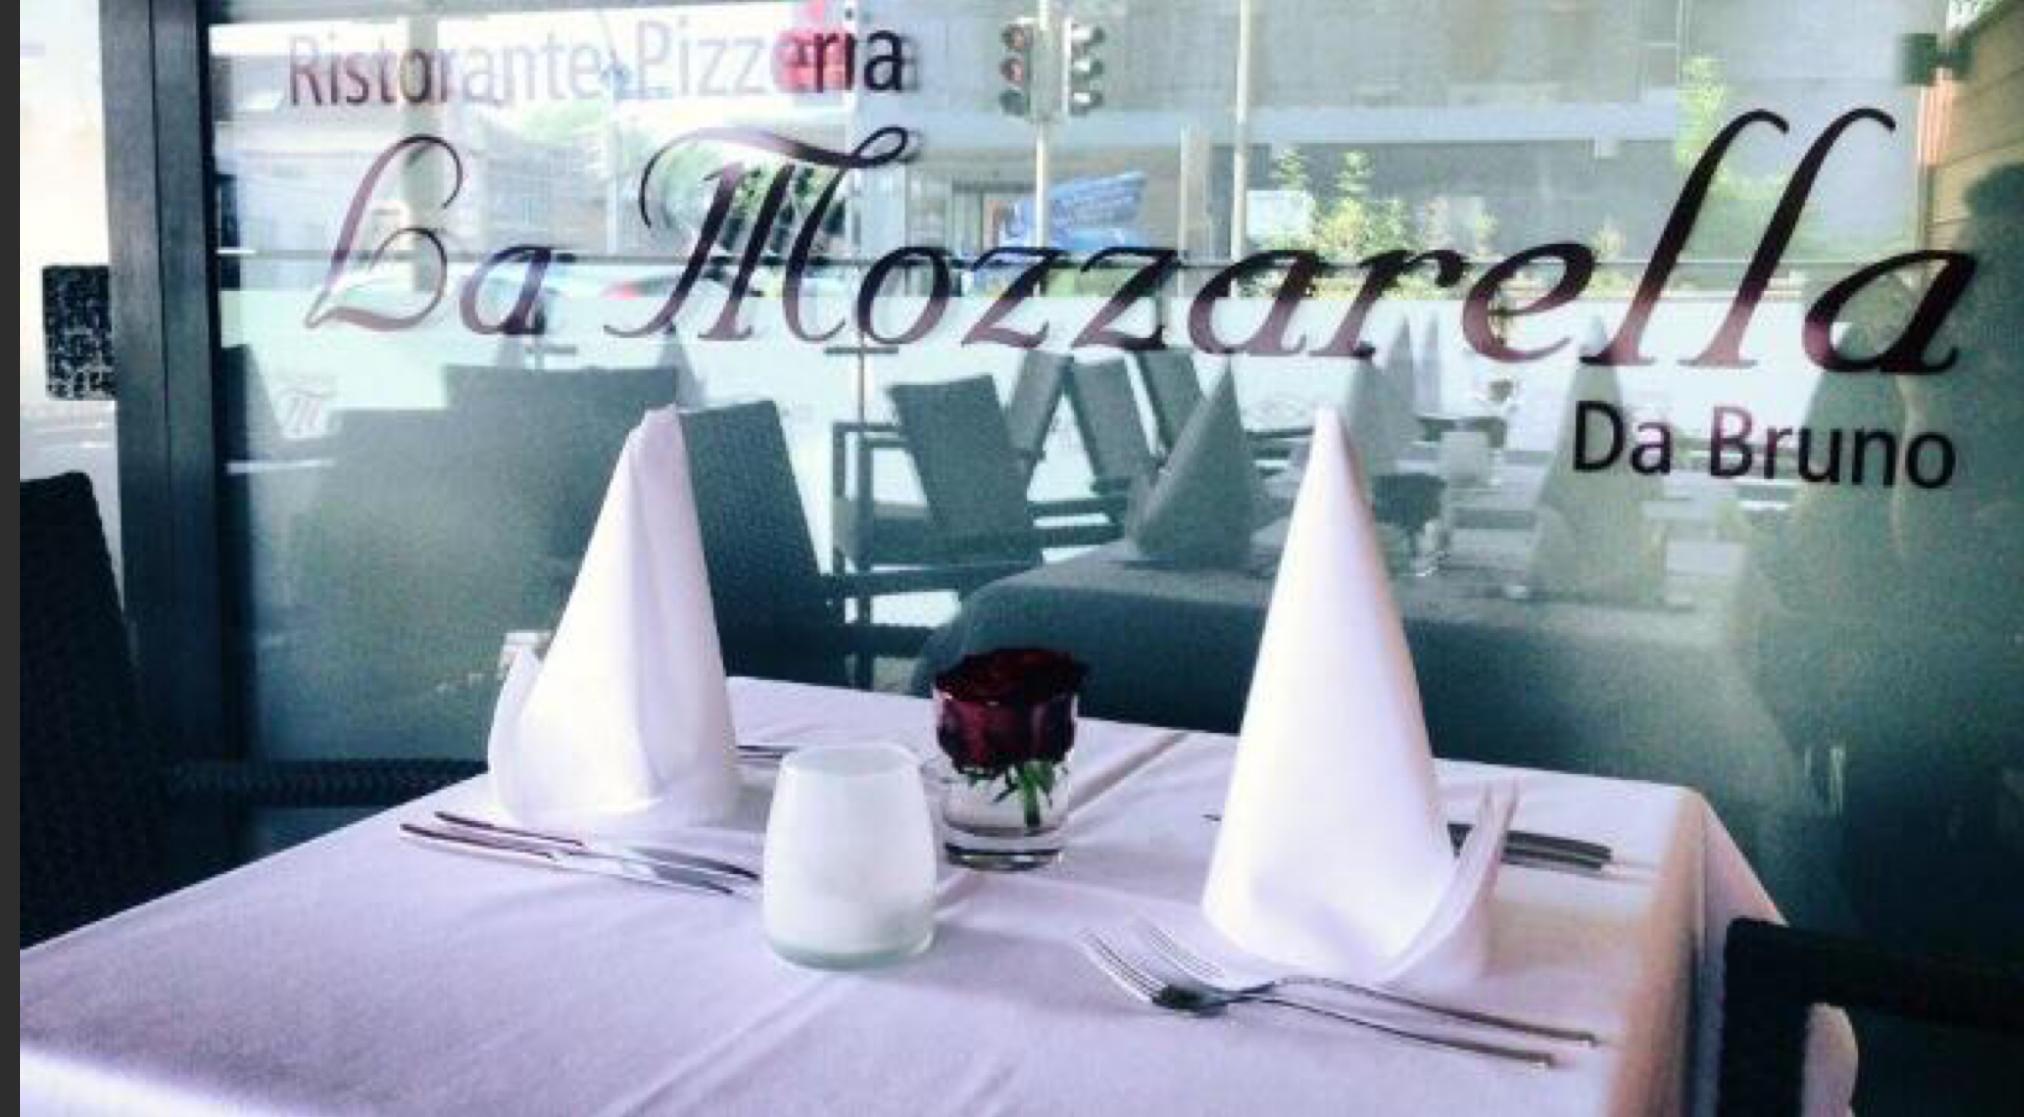 Ristorante-Pizzeria La Mozzarella da Bruno